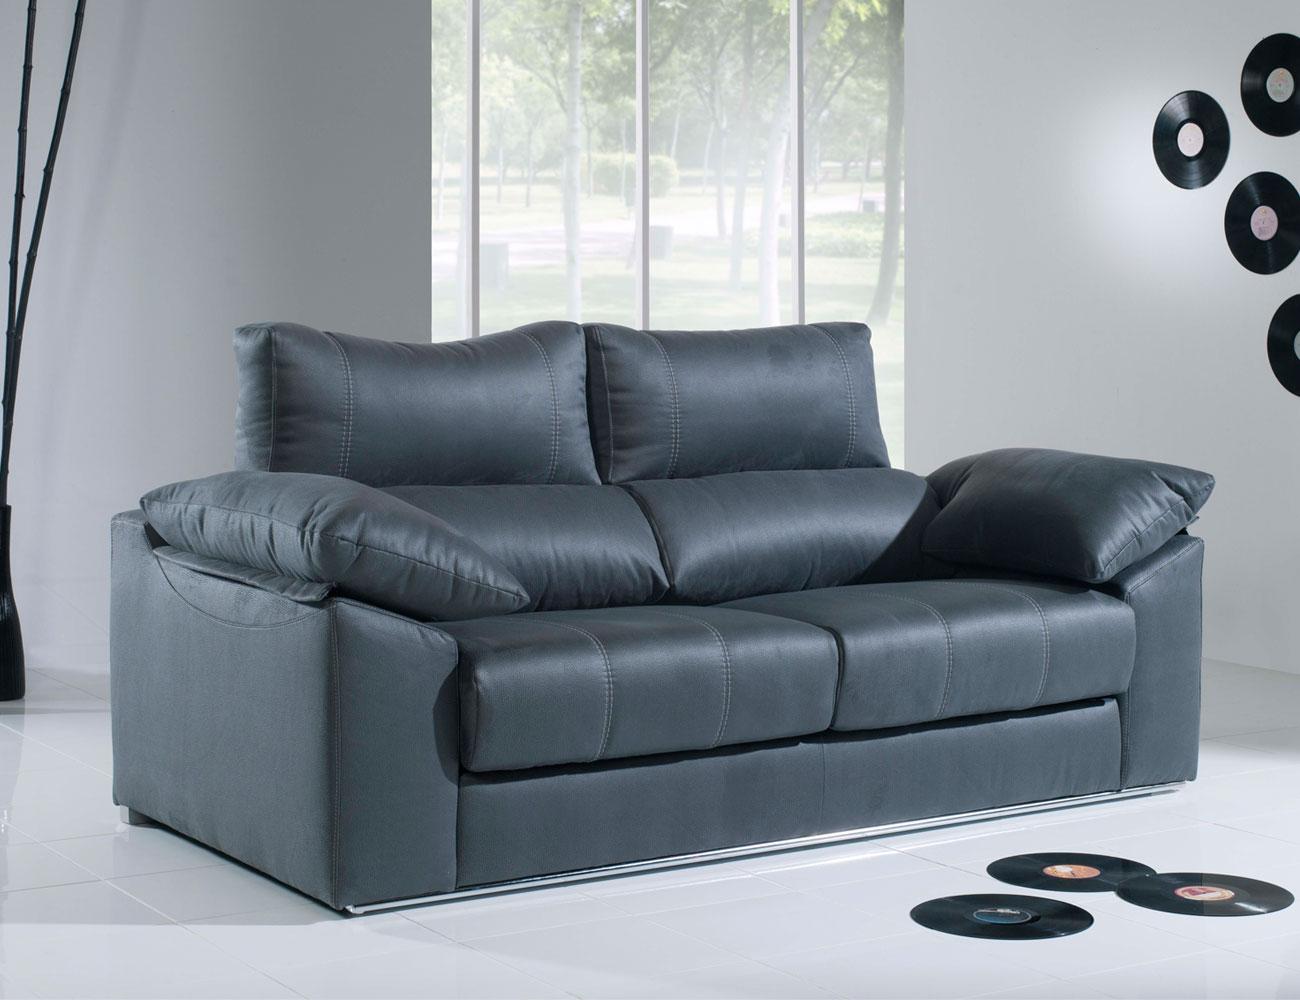 Sofa 3 plazas moderno con barra28